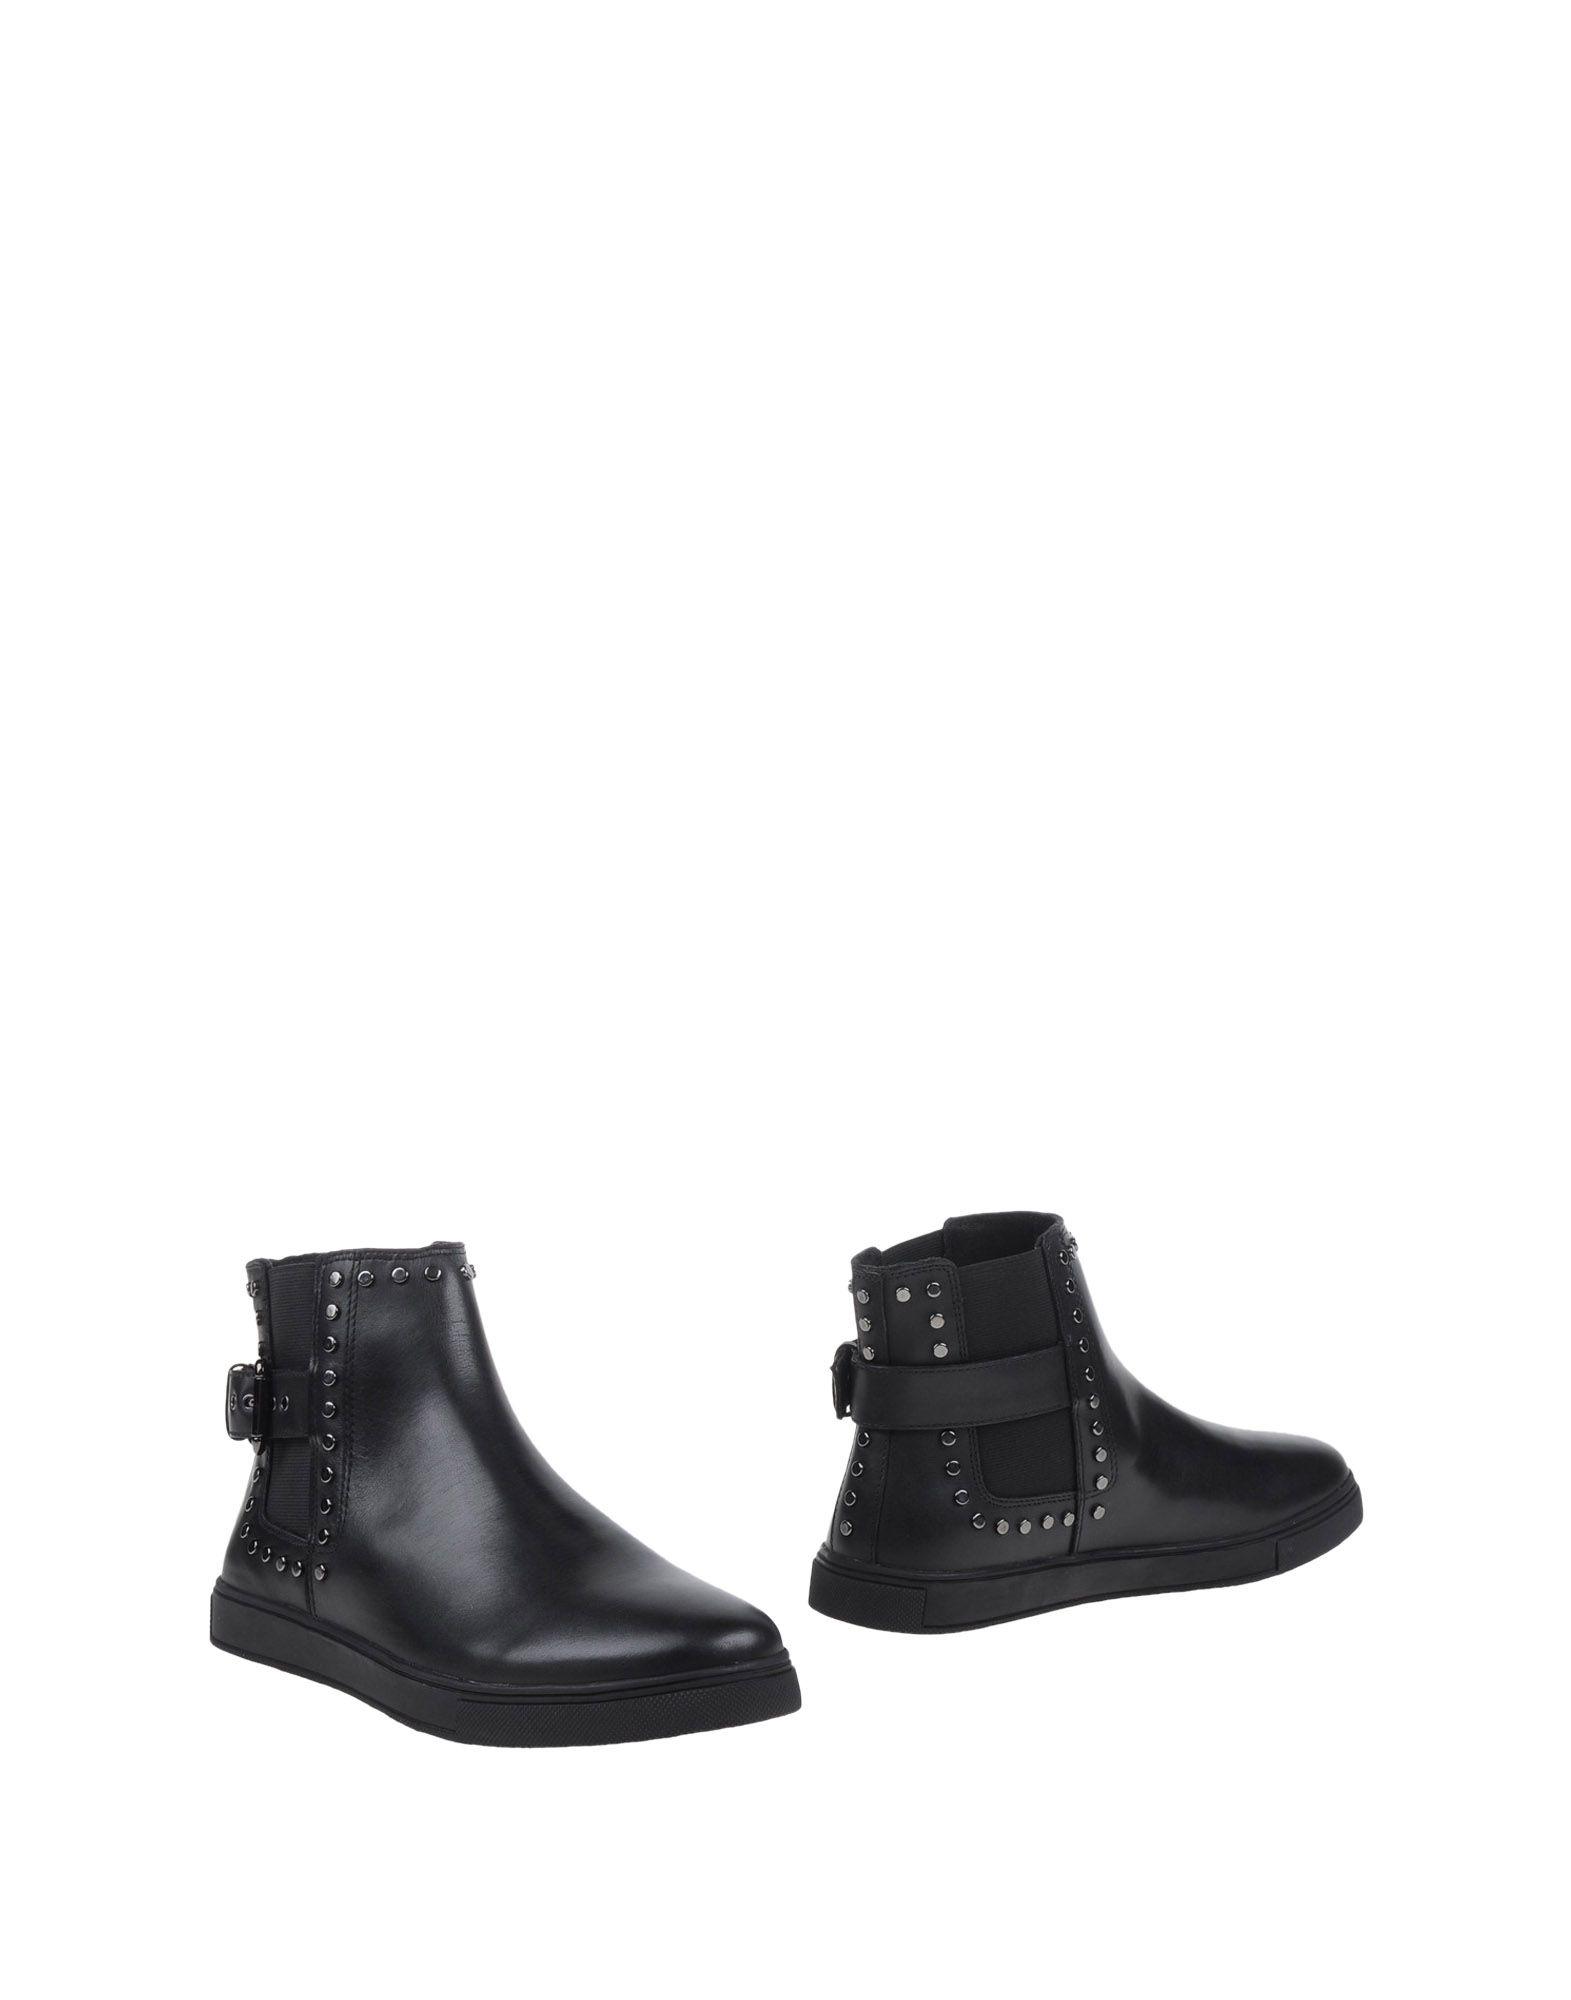 Rabatt echte Schuhe Just Cavalli Stiefelette Herren  11011486JH